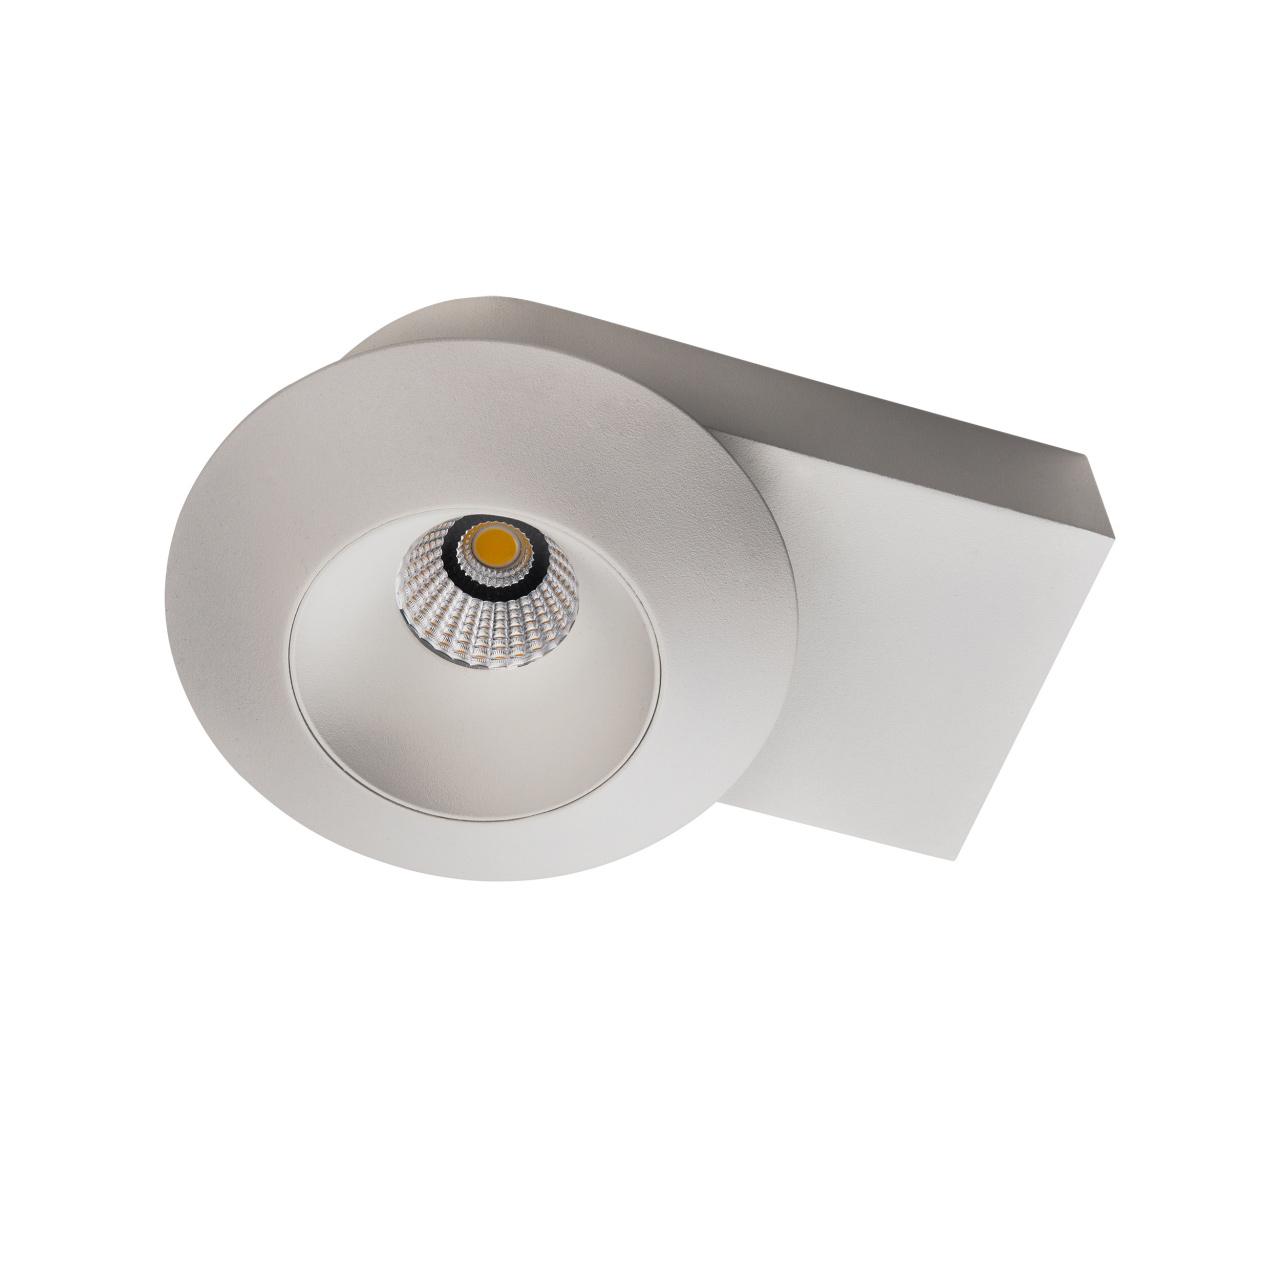 Светильник Orbe LED 15W 1240LM 60G белый 3000K Lightstar 051316